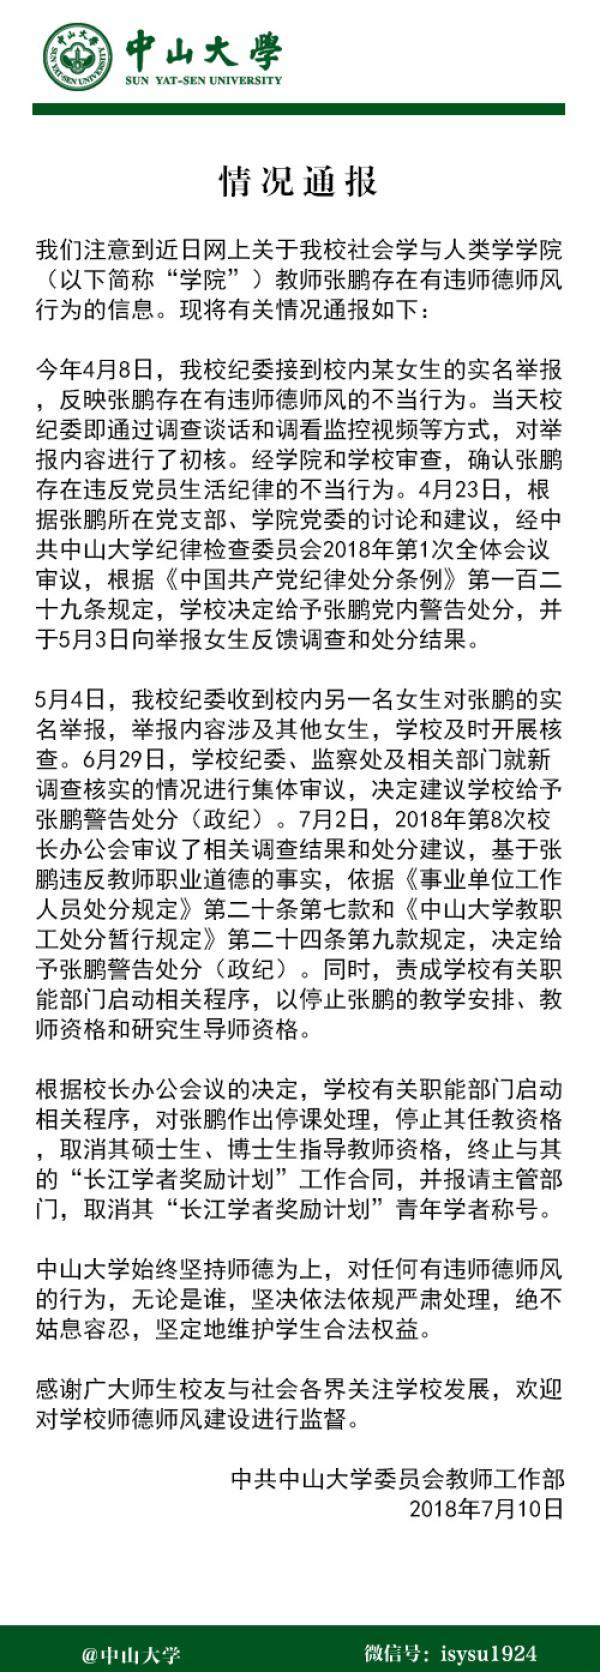 中山大学停止张鹏任教资格 取消青年长江学者称号